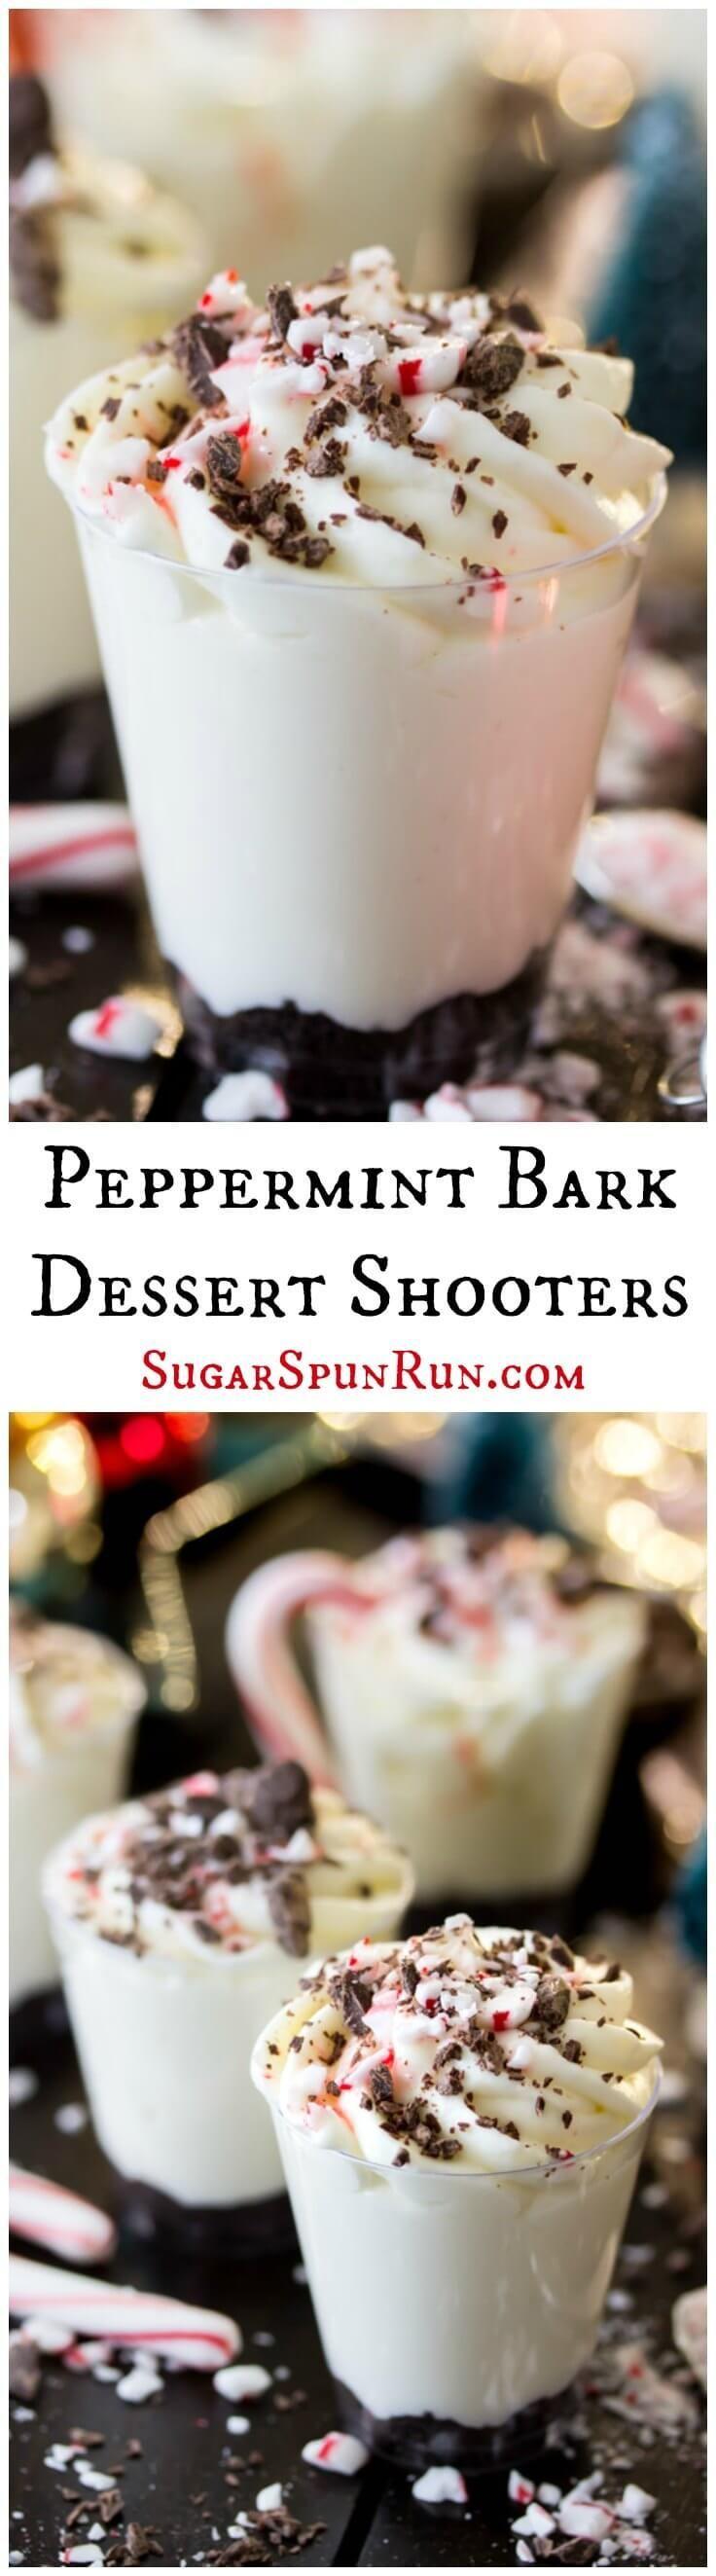 Peppermint Bark Dessert Shooters